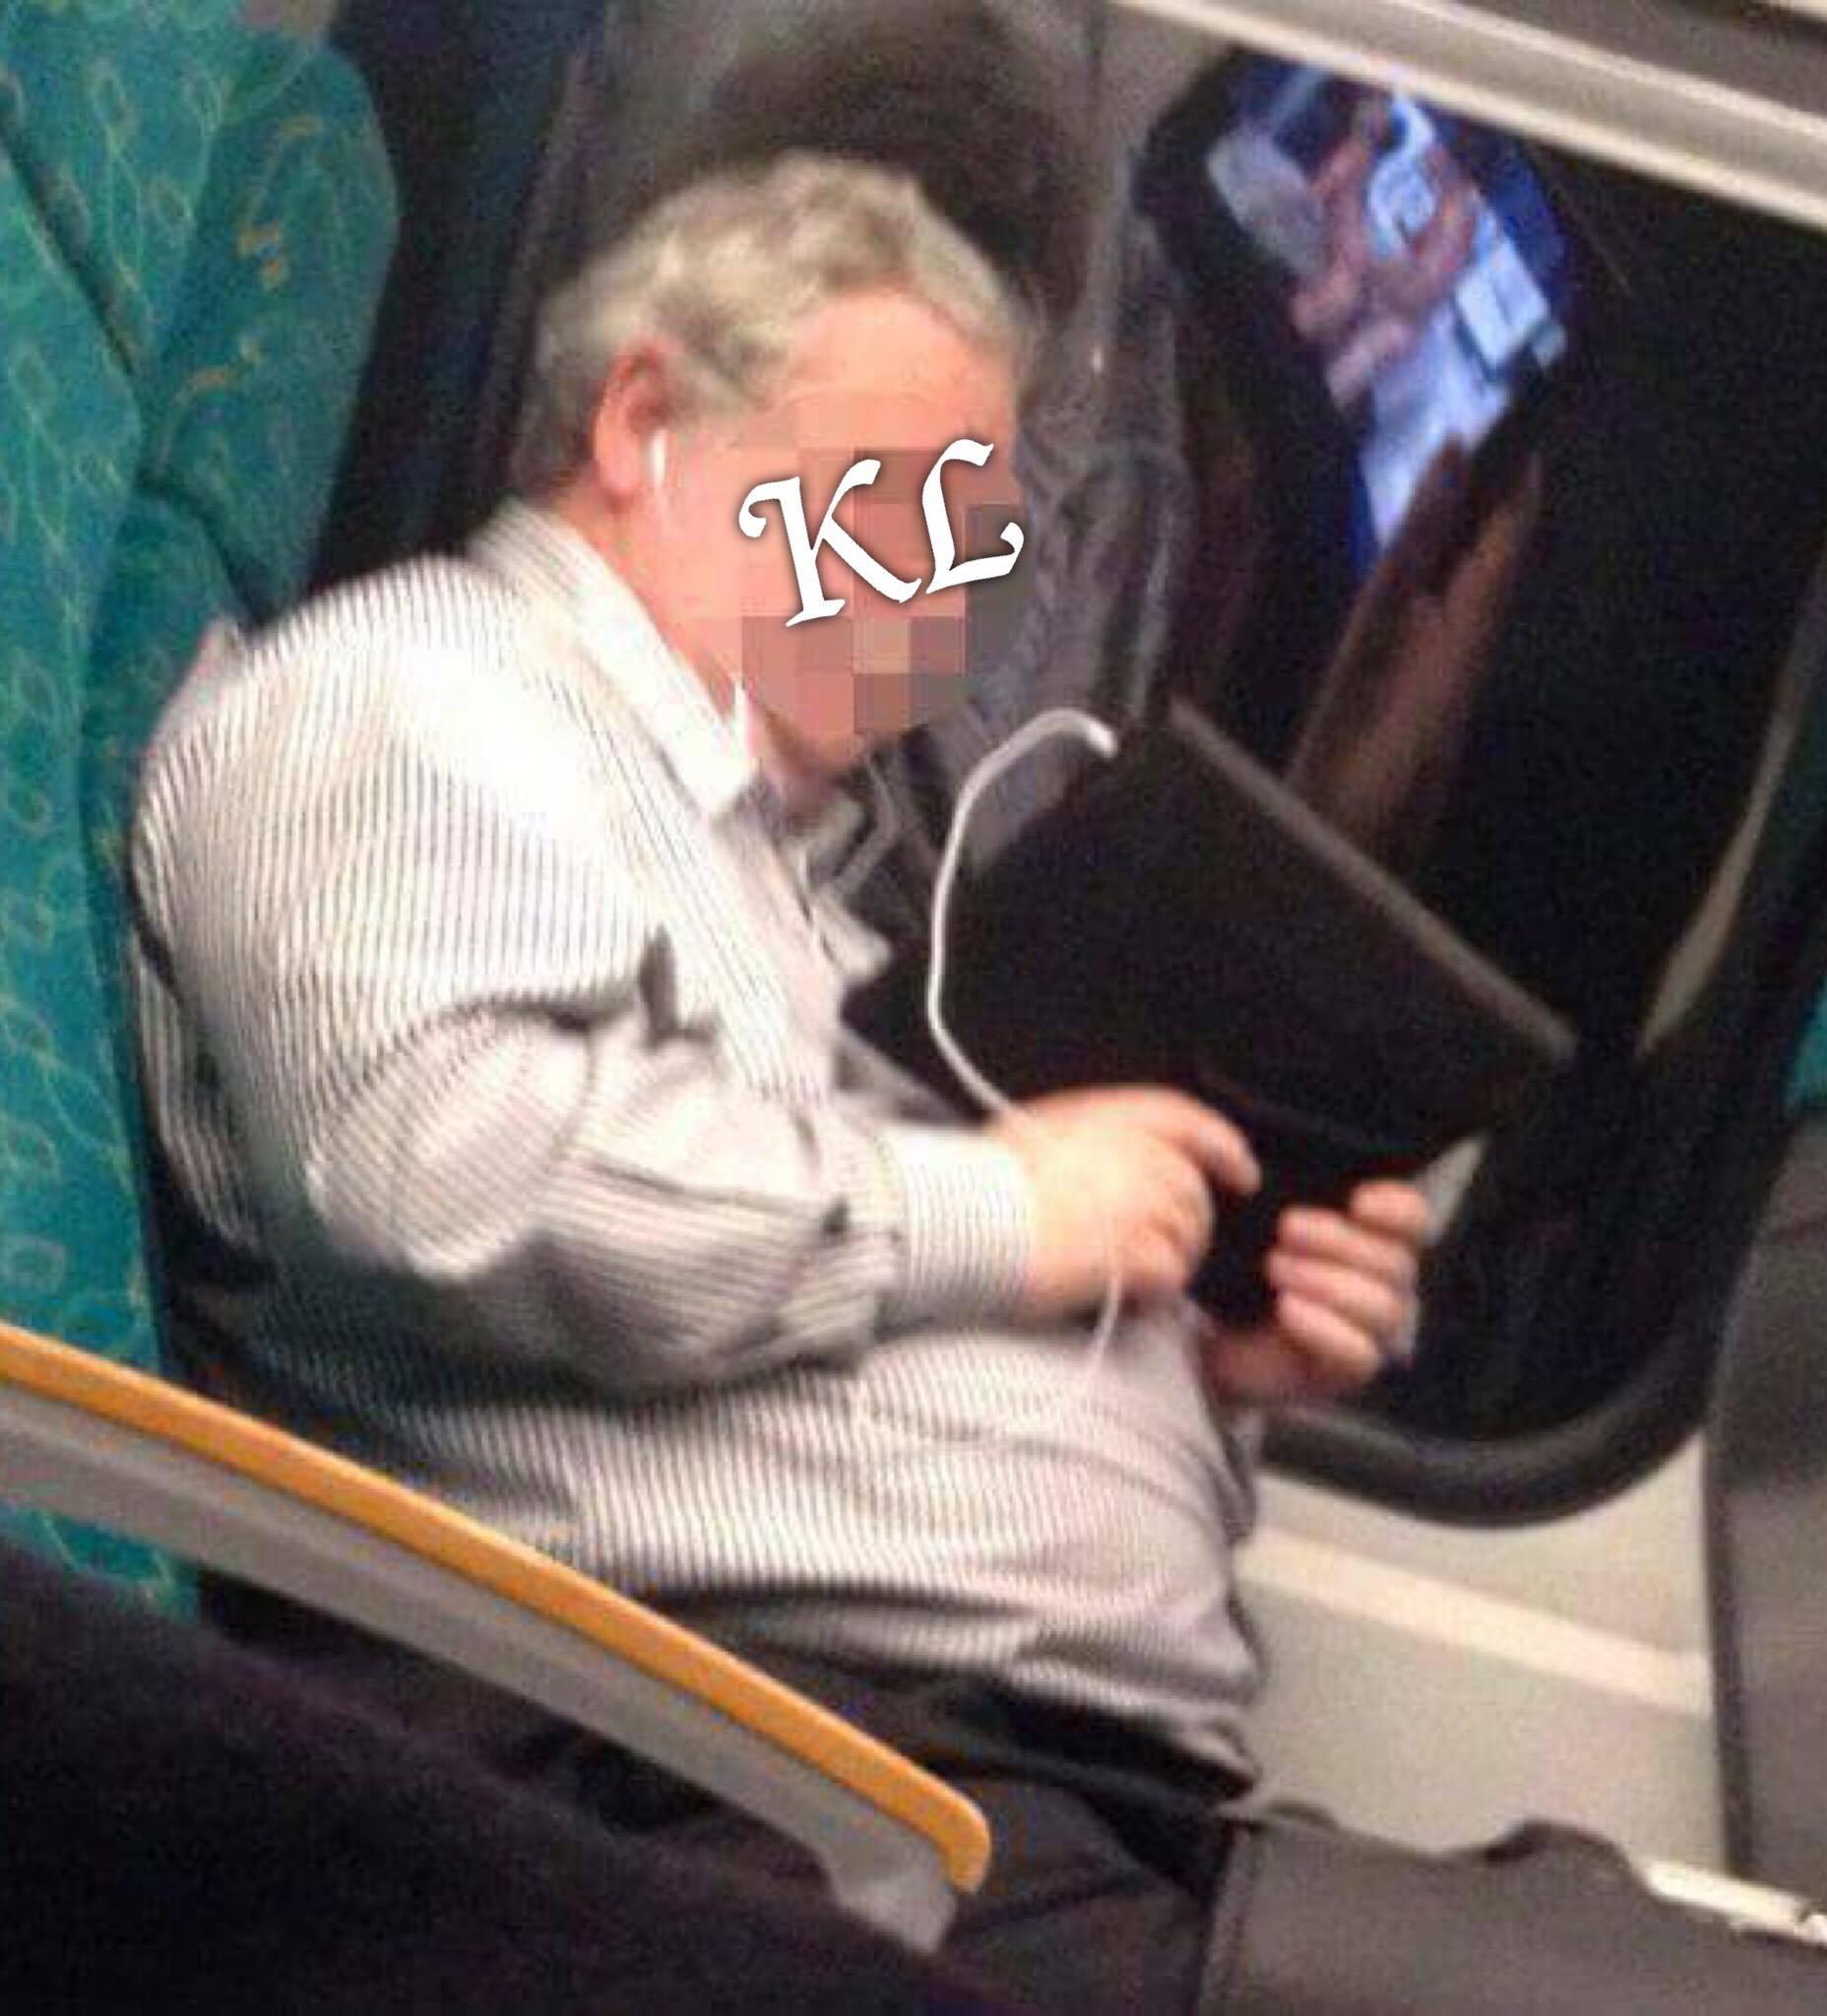 Vraiment à son âge ? ... Ce vieux est (égal à zéro) nul, il a même oublié qu'il est dans les transports publics et que les fenêtres ont des yeux